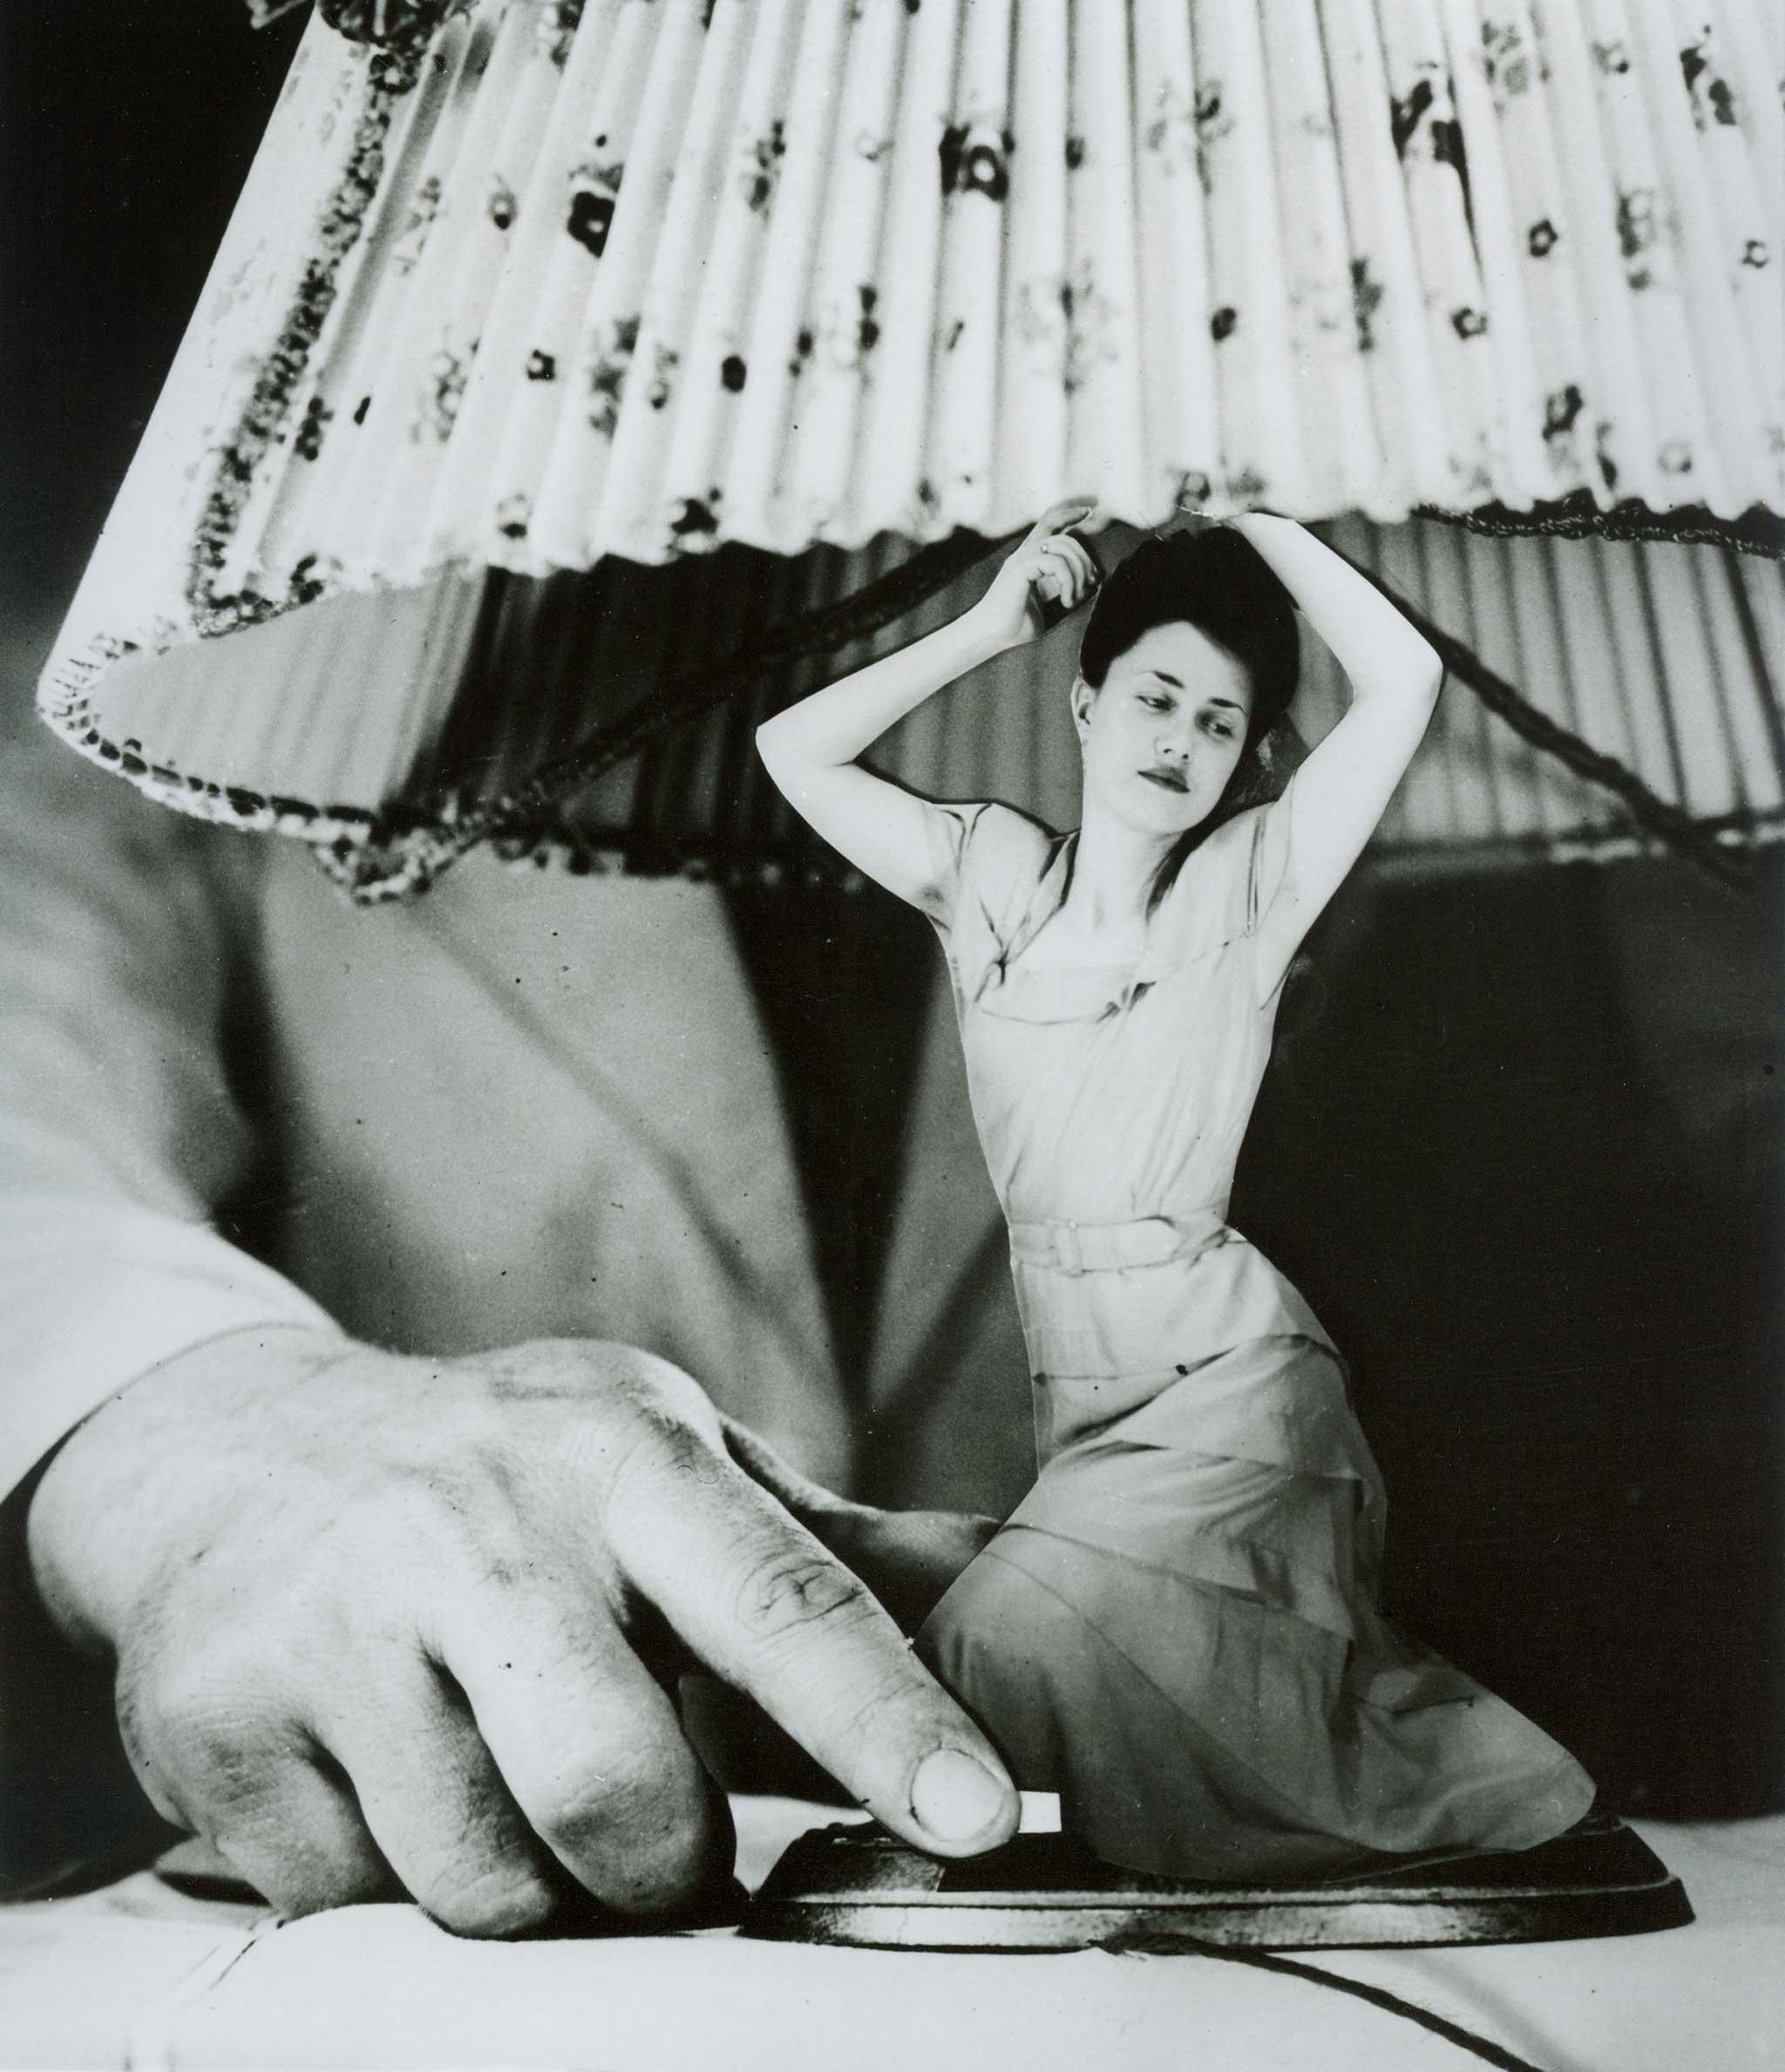 File:Articulos electricos para el hogar - Grete Stern, 1950.jpg